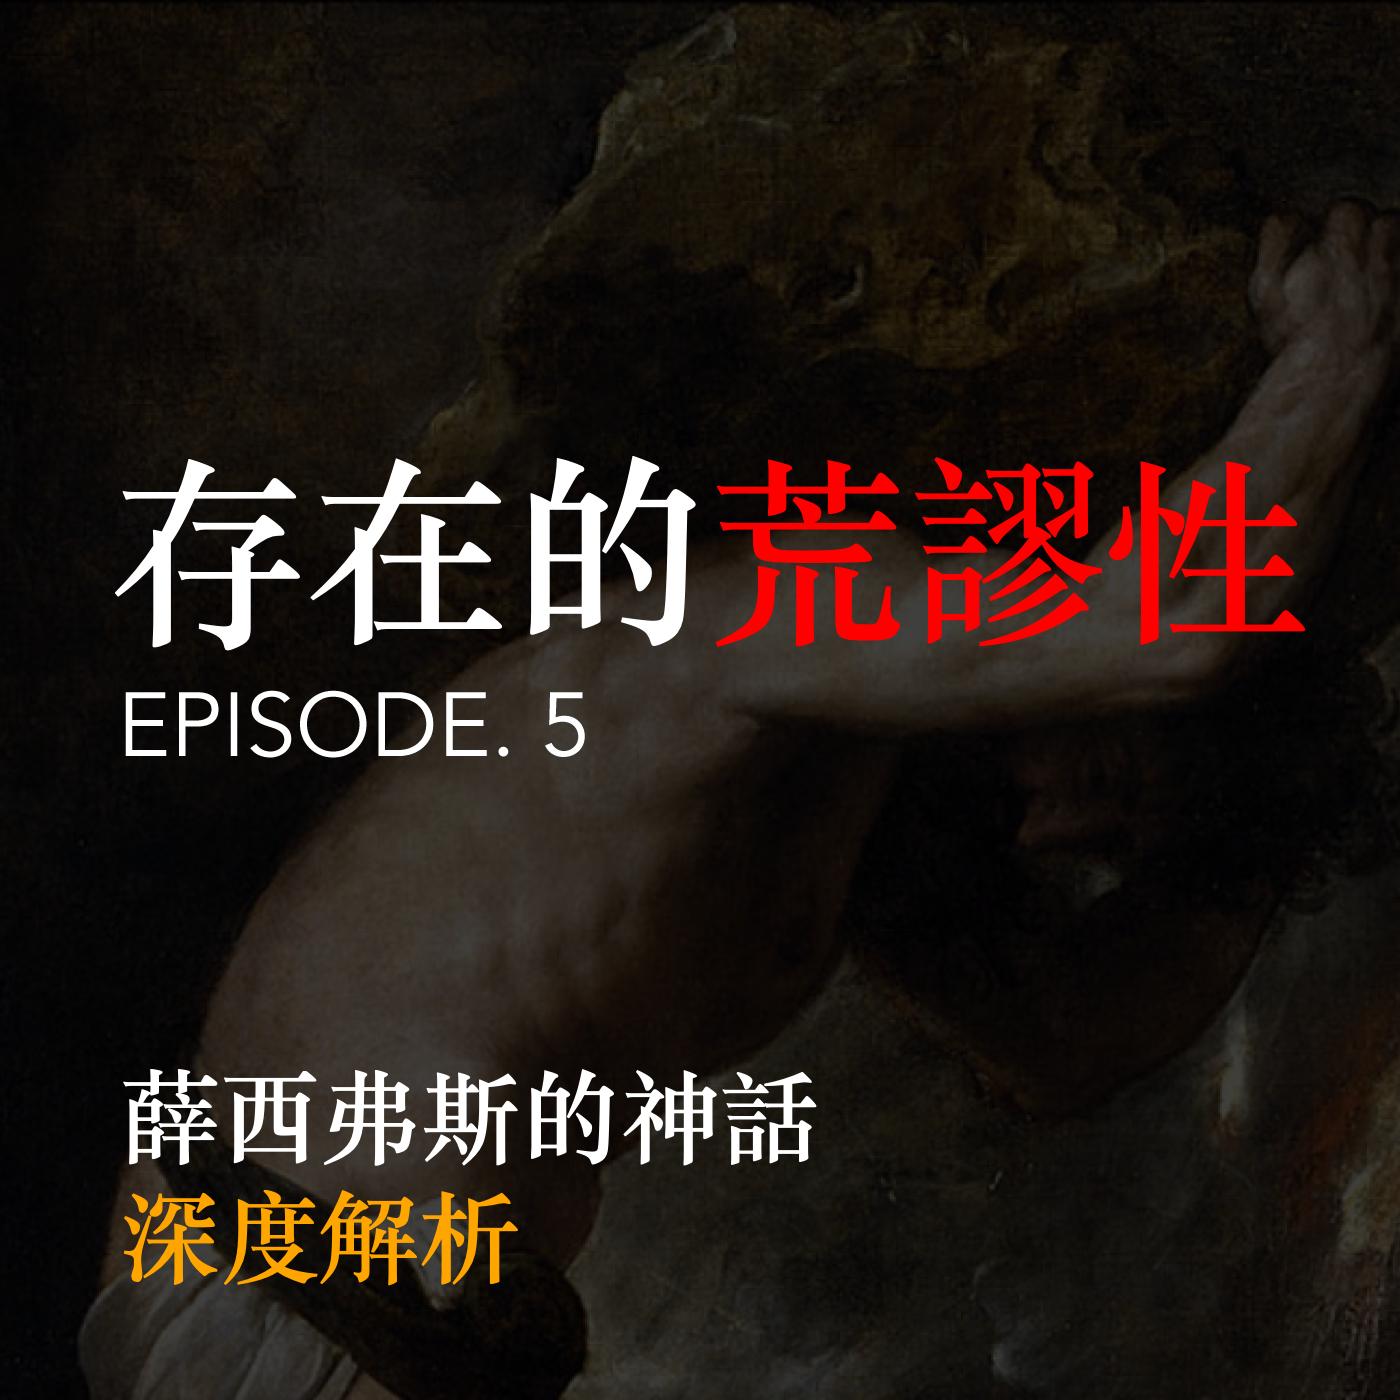 存在的荒謬性 EP.5 - 薛西弗斯的神話深度解析 | 哲學的自殺